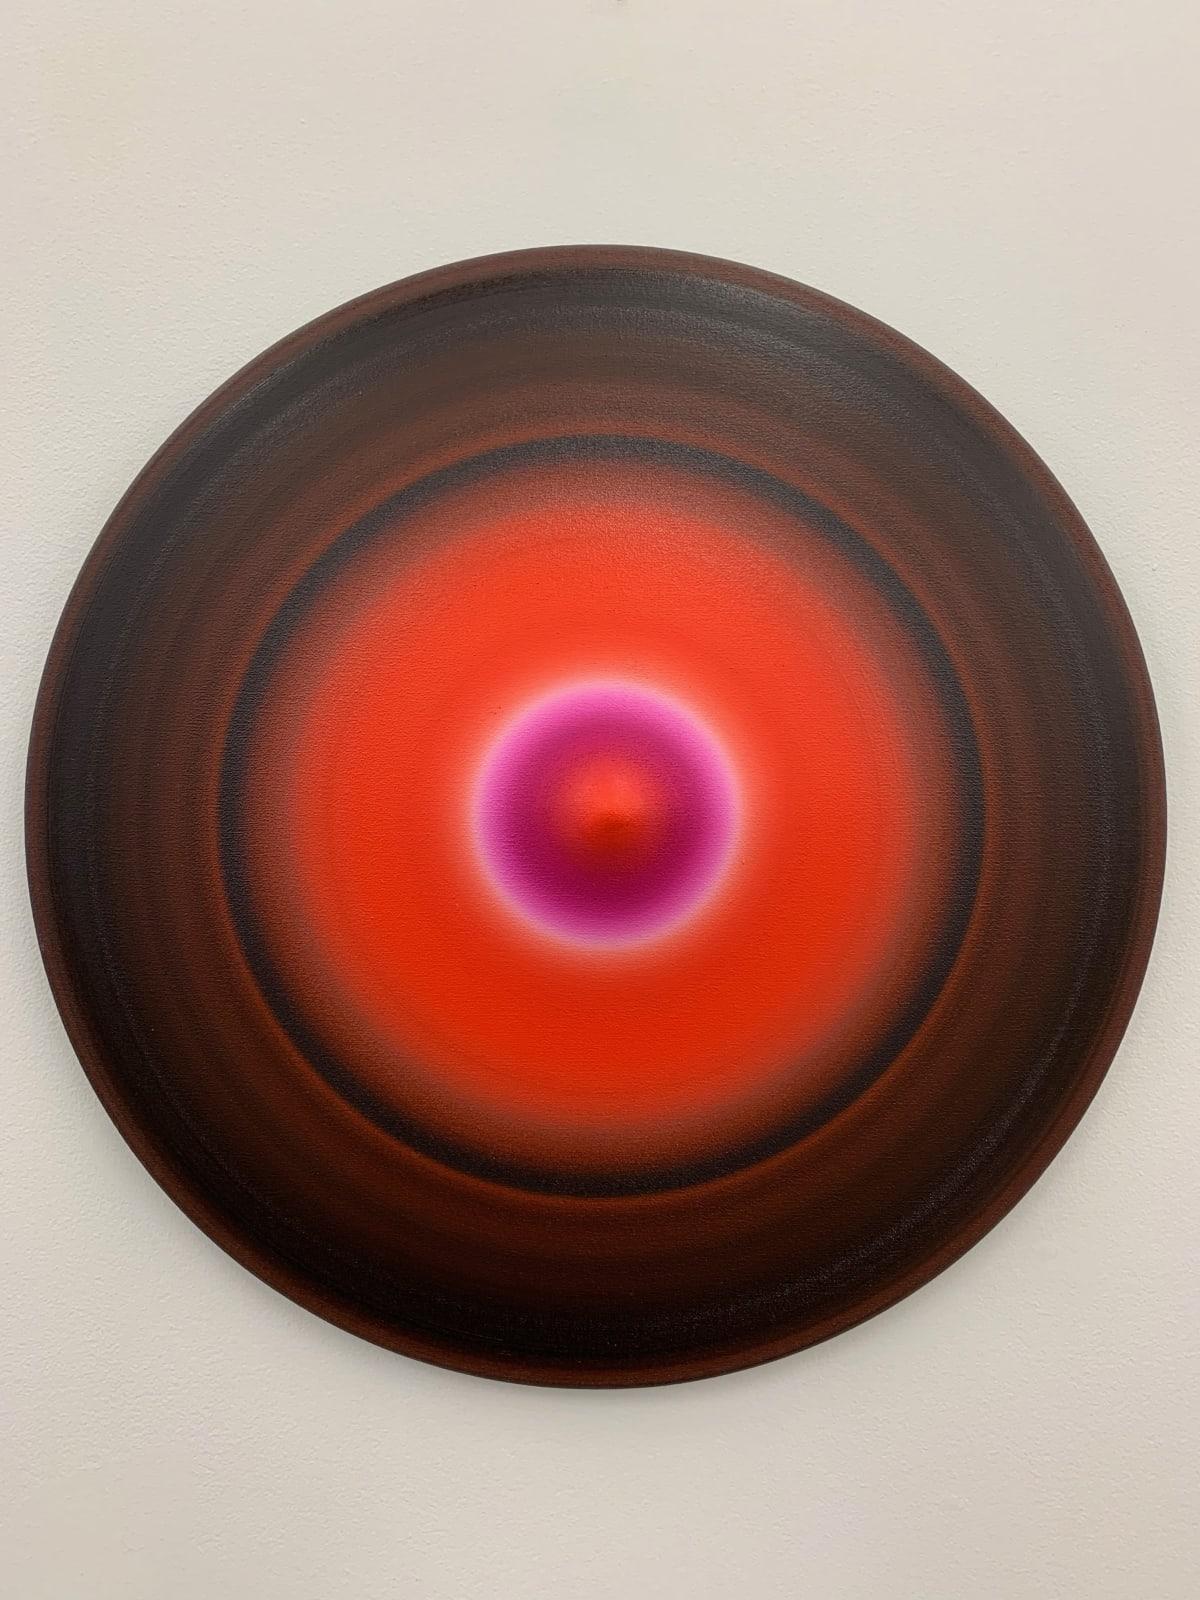 Marion Borgelt Luminous Void: Piece No 5, 2019 oil, canvas, timber, 3D element 55cm ø x 8cm